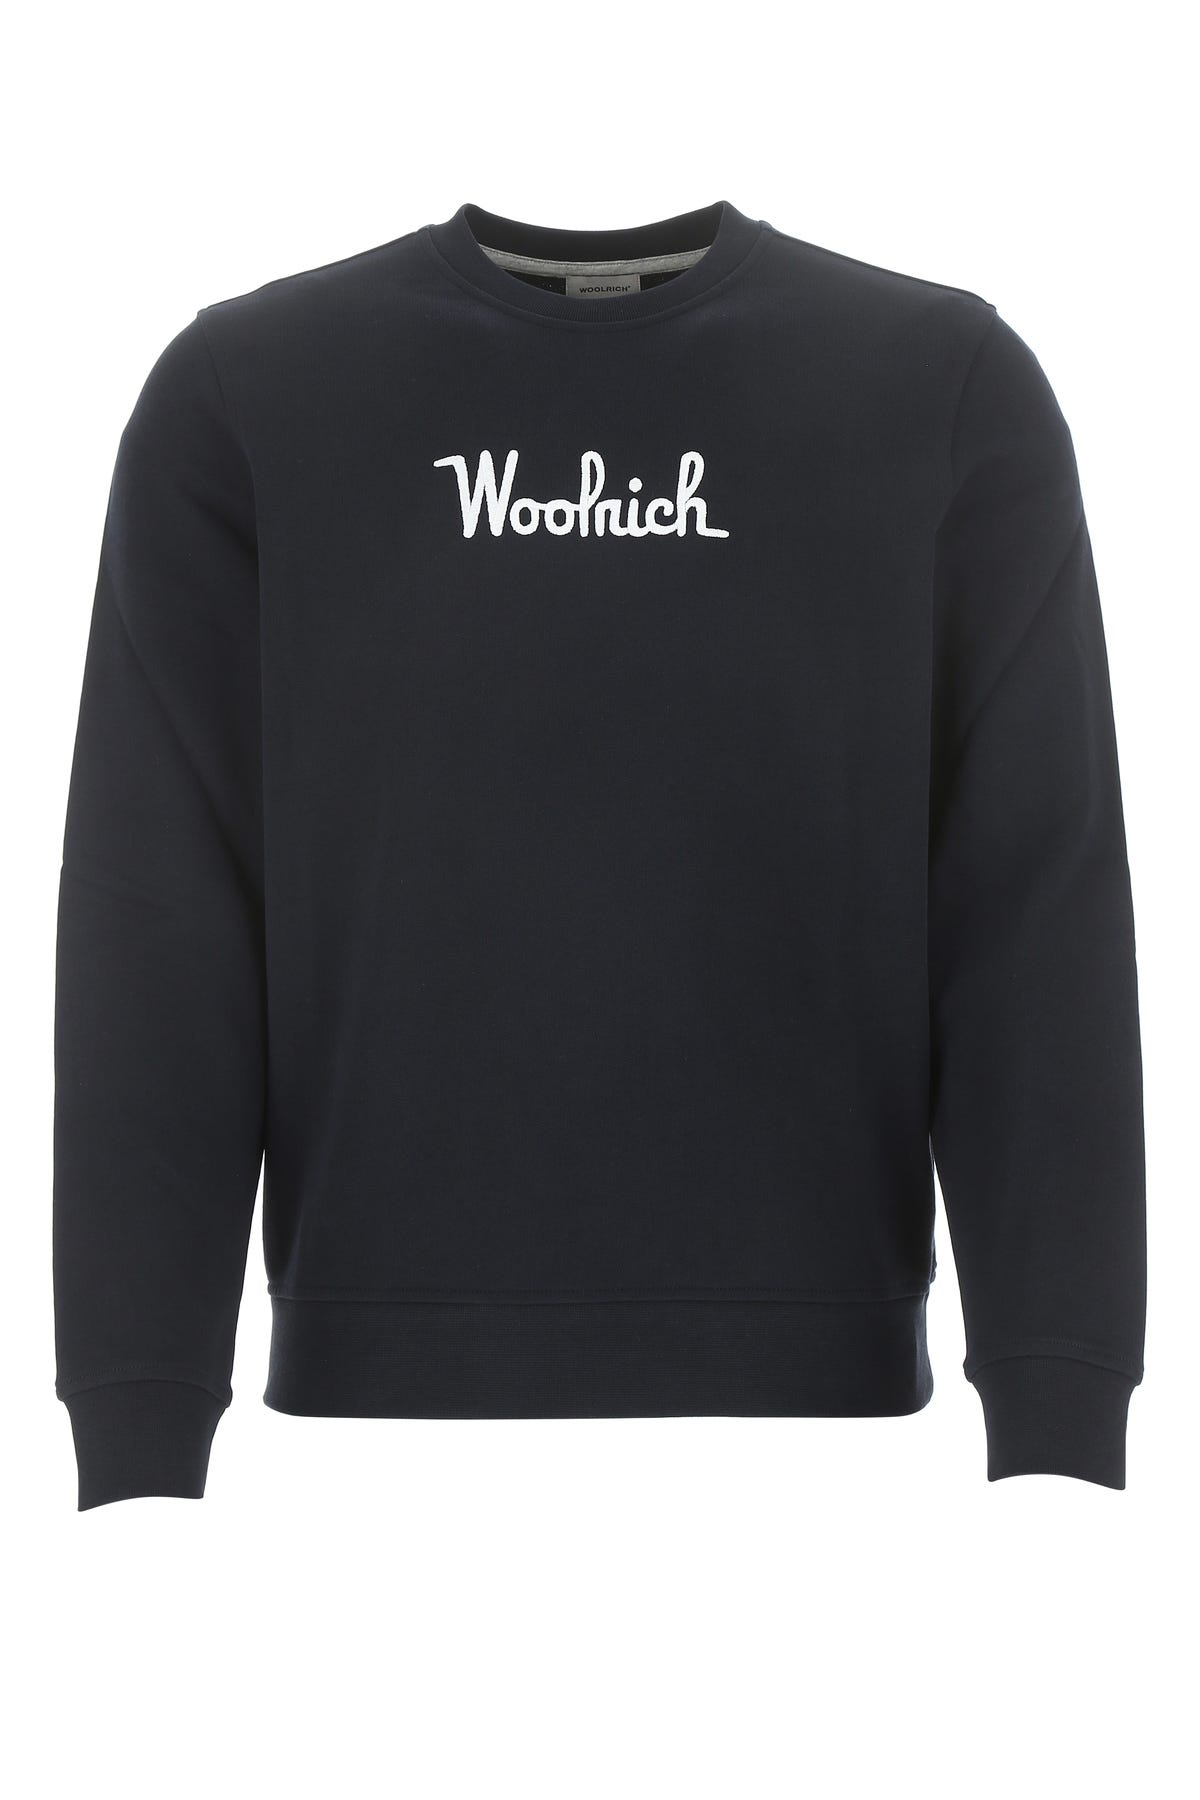 Woolrich WHITE COTTON SWEATSHIRT  WHITE WOOLRICH UOMO XL